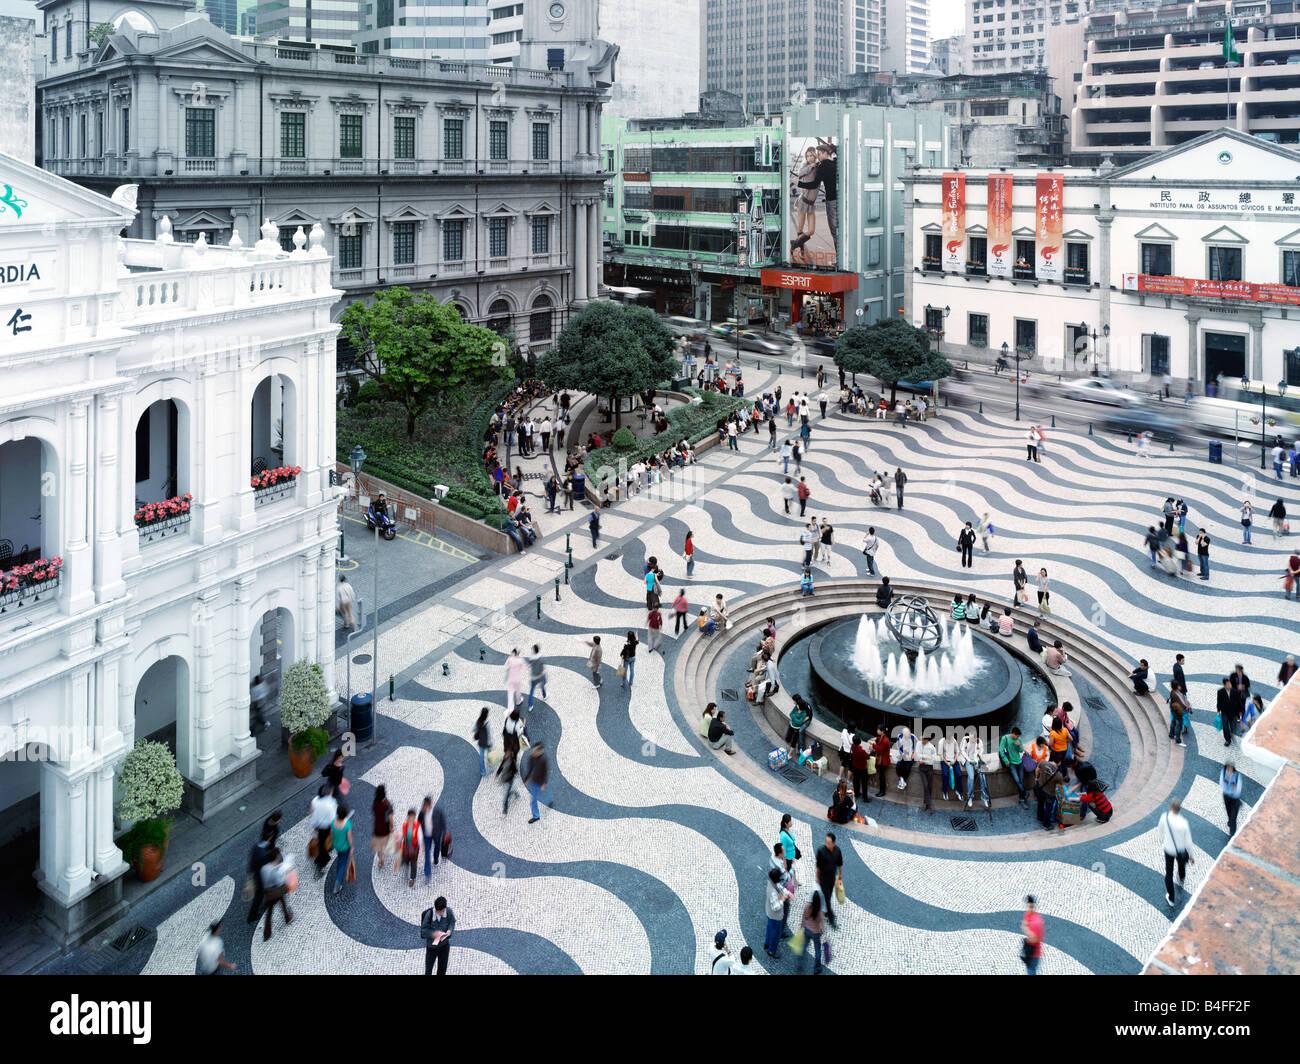 Le largo do Senado (Place du Sénat) face à la Loyal Sénat situé dans le centre de Macao. Photo Stock